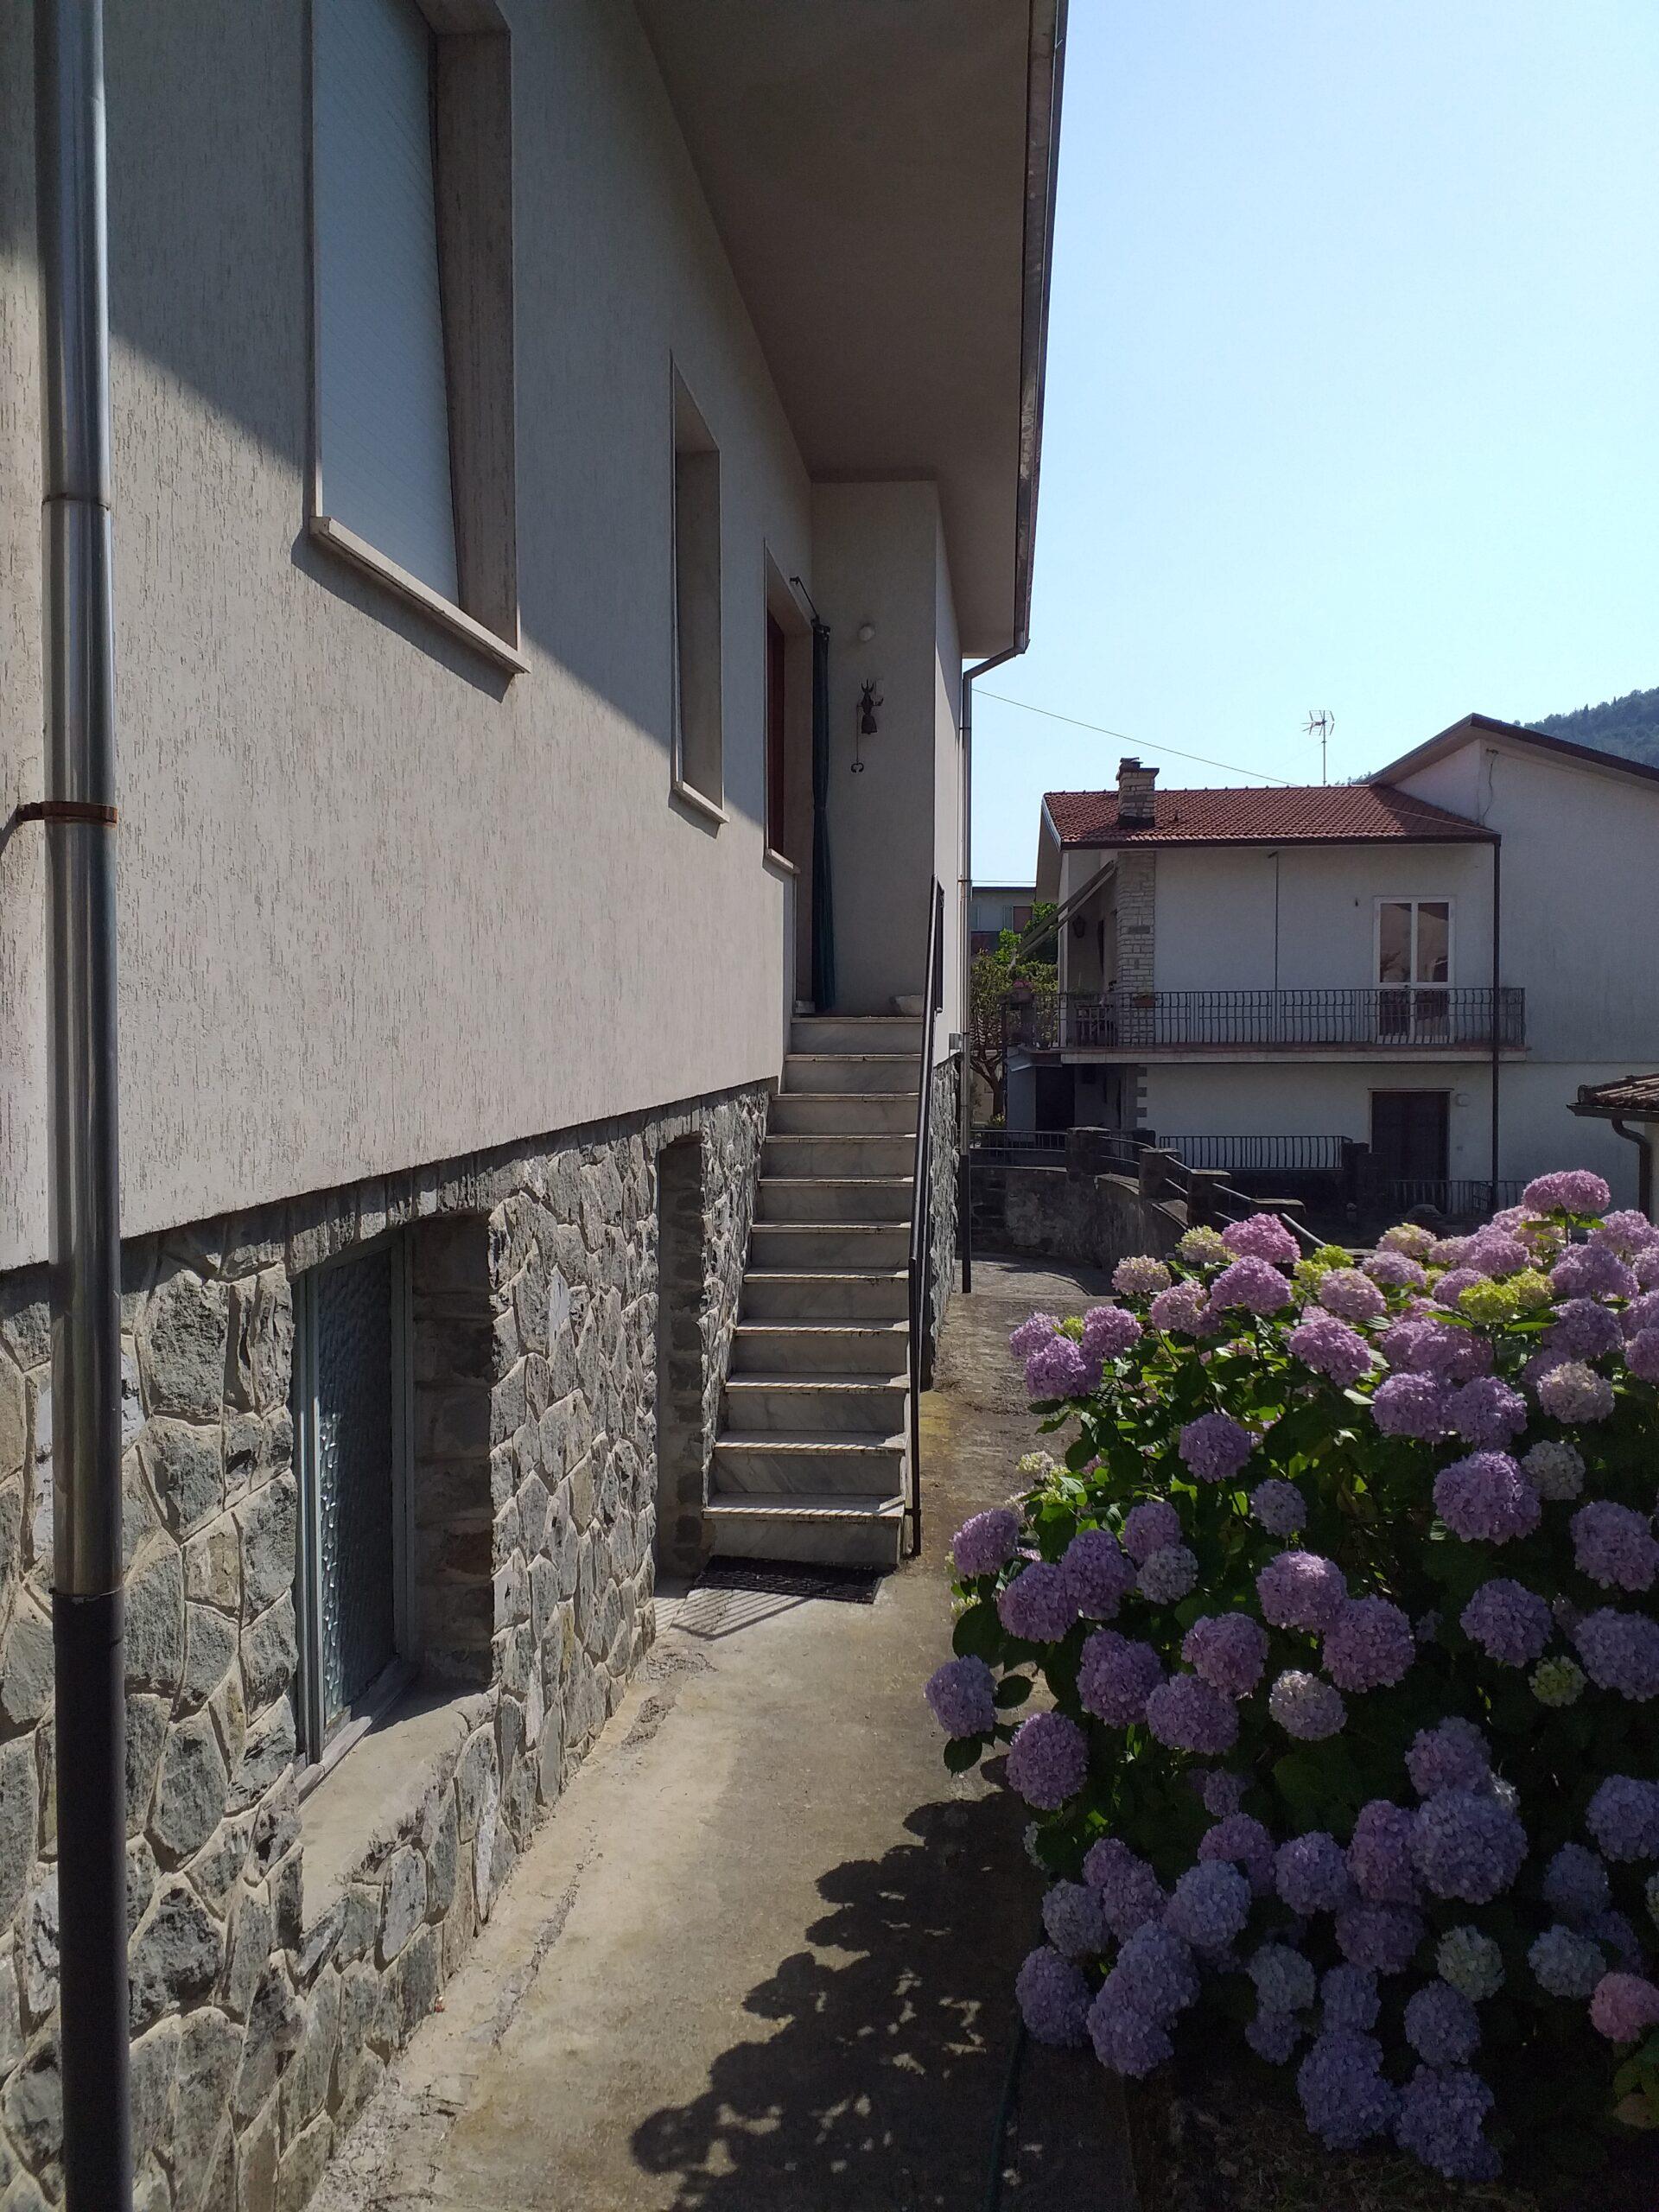 Casa indipendente con giardino circostante in centro a Fivizzano . Abitabile. ref. 2313